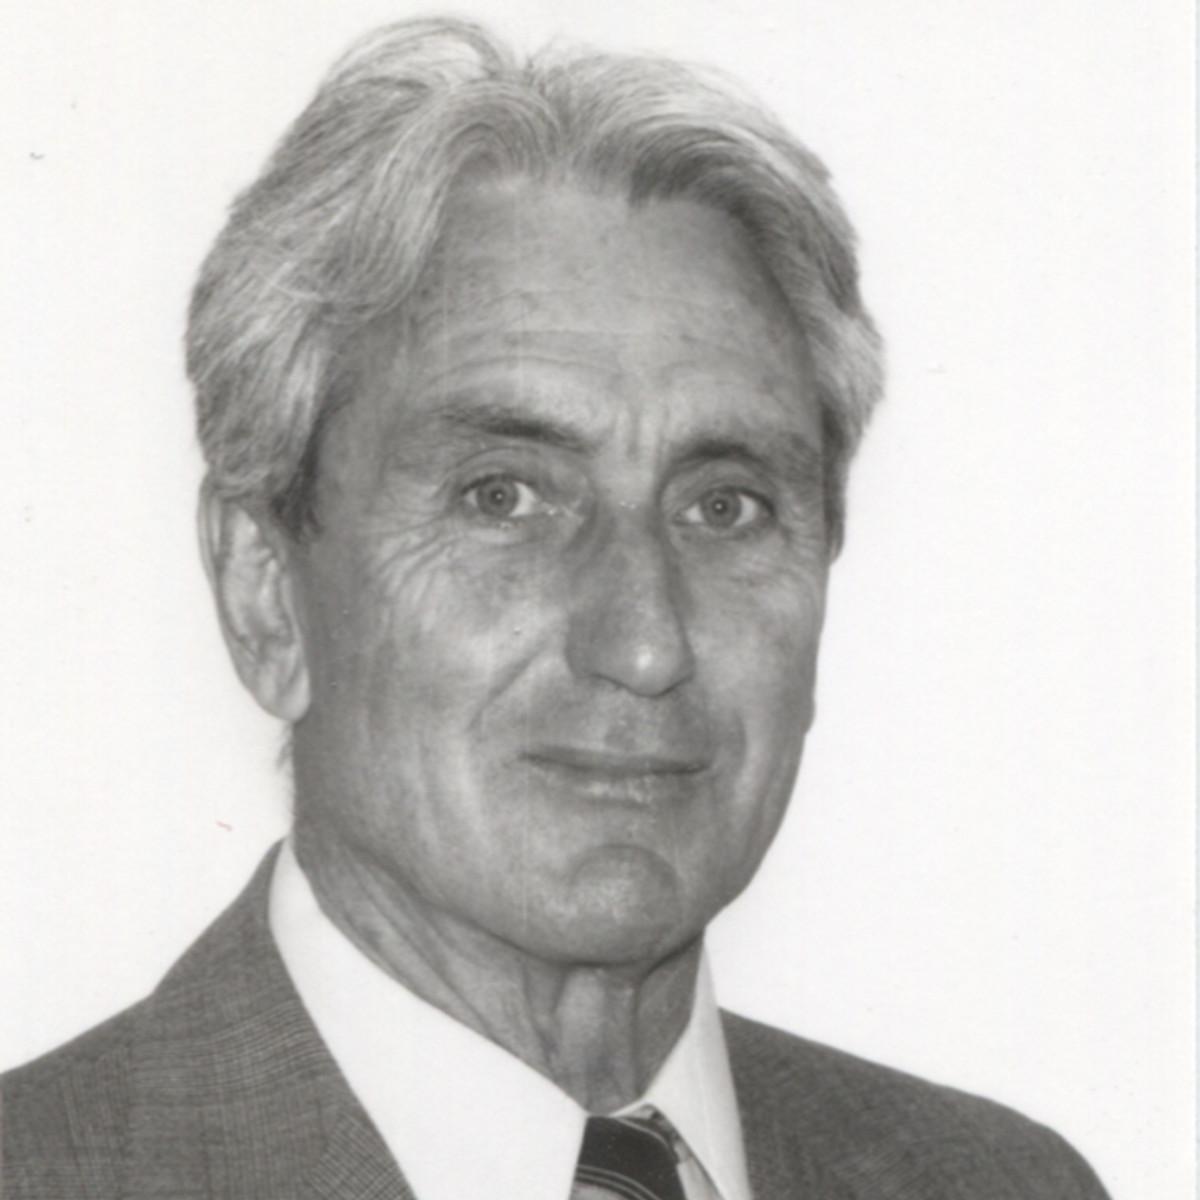 Bruce Biggs